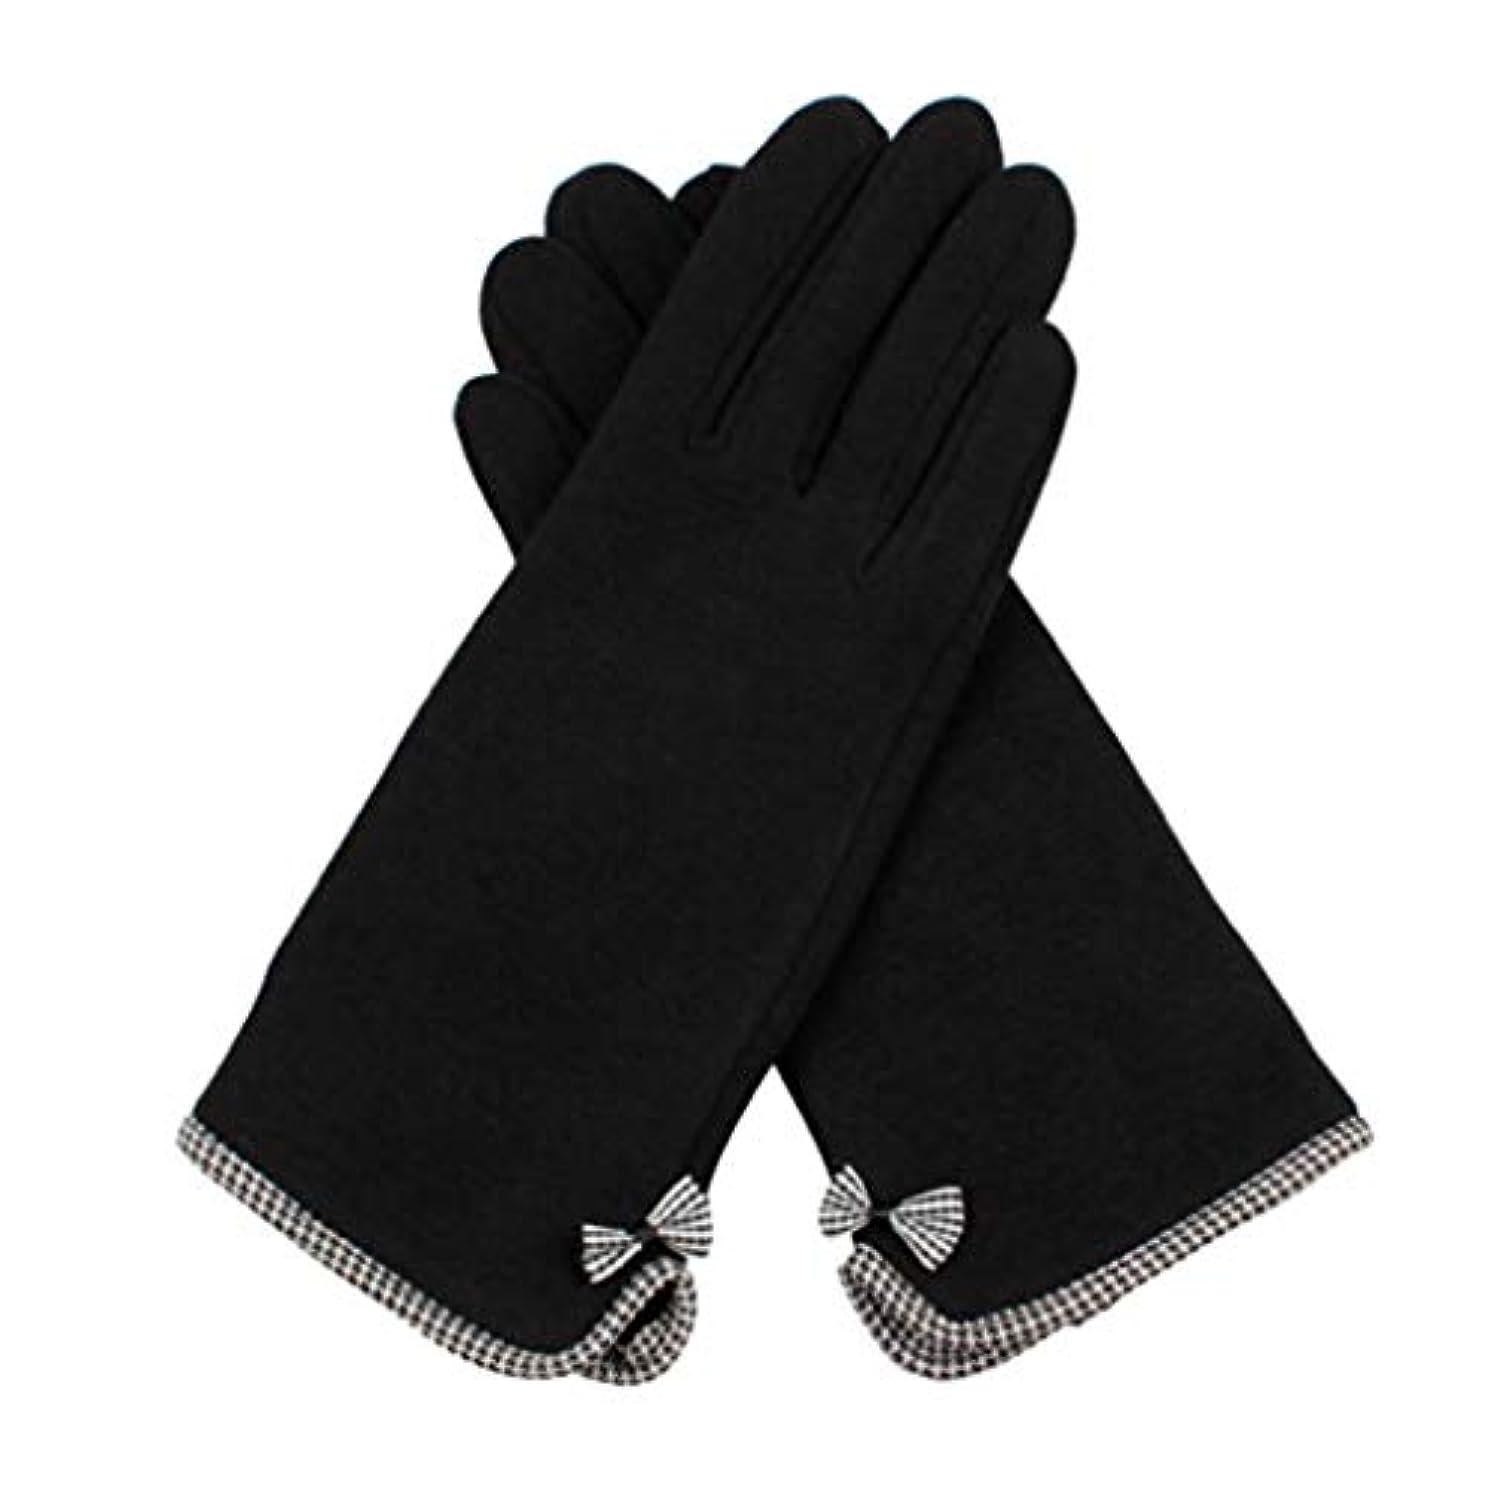 順応性のある大惨事ペンス手袋女性の冬暖かい韓国語版蝶の結び目の学生ファッションスリムサイクリング運転女性の手袋 (色 : 黒)